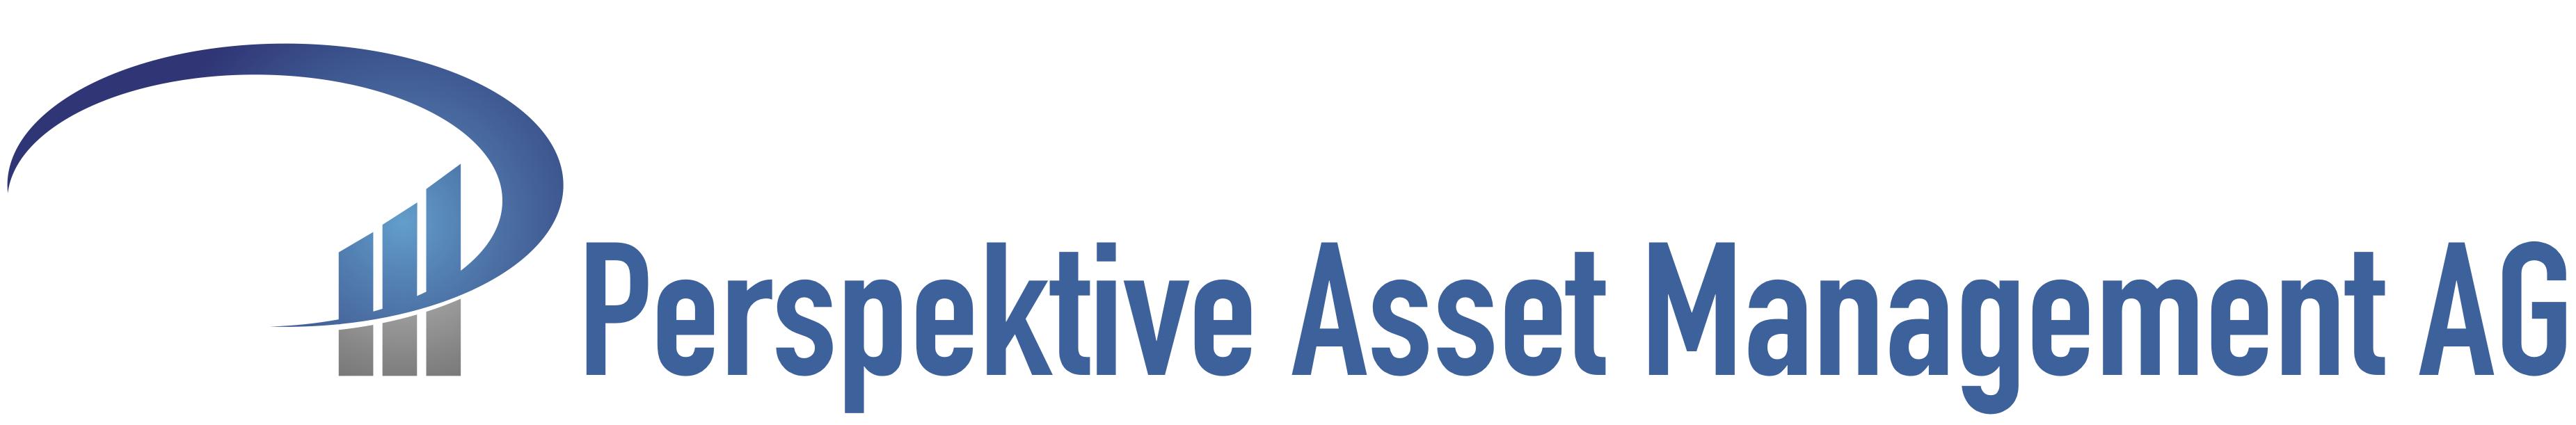 Perspektive Asset Management AG